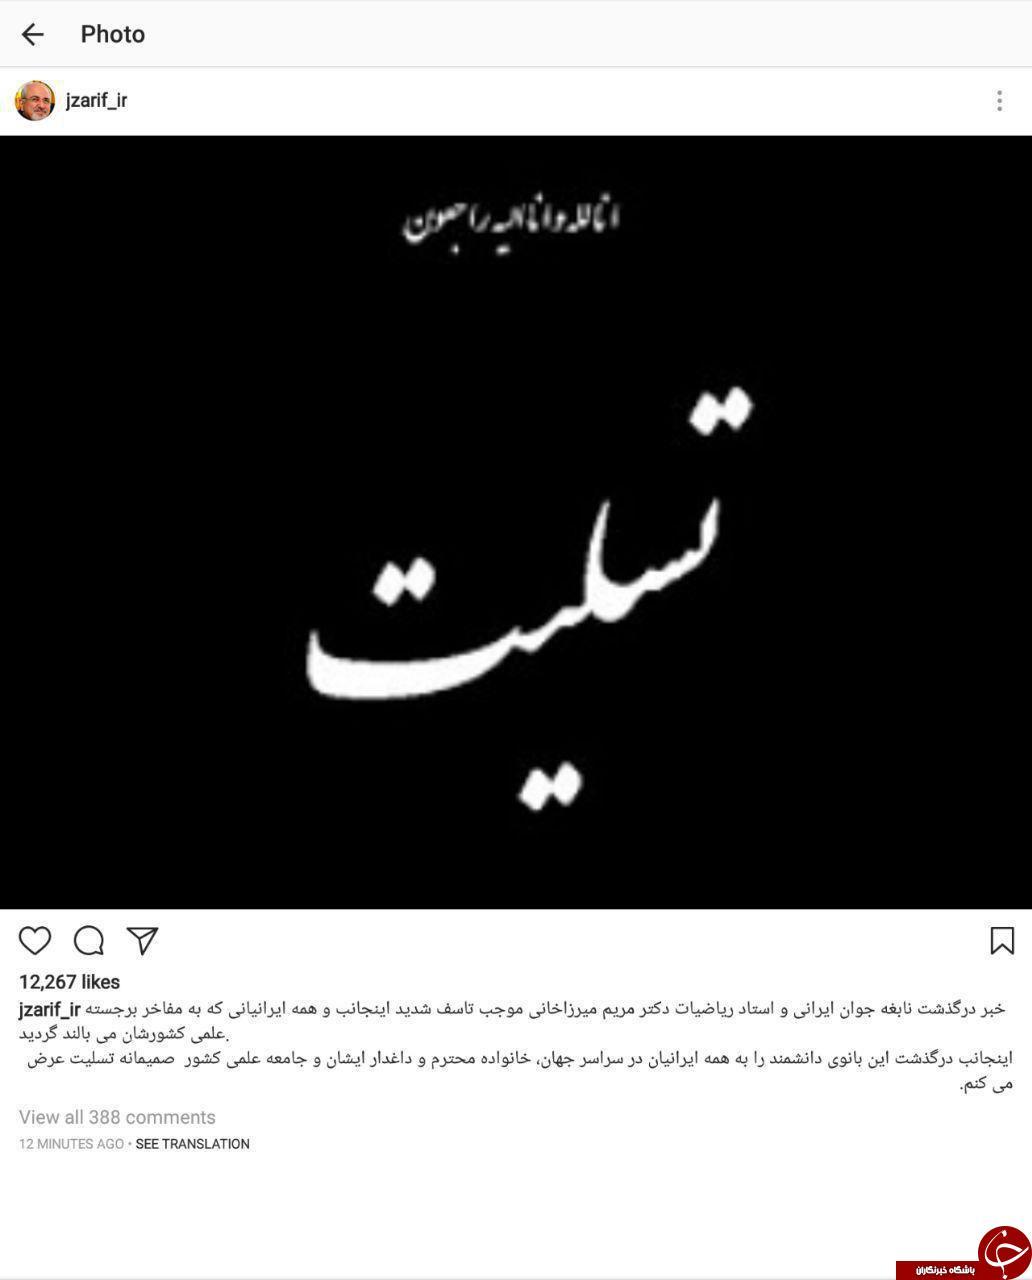 تسلیت محمد جواد ظریف برای فوت مریم میرزاخانی +عکس